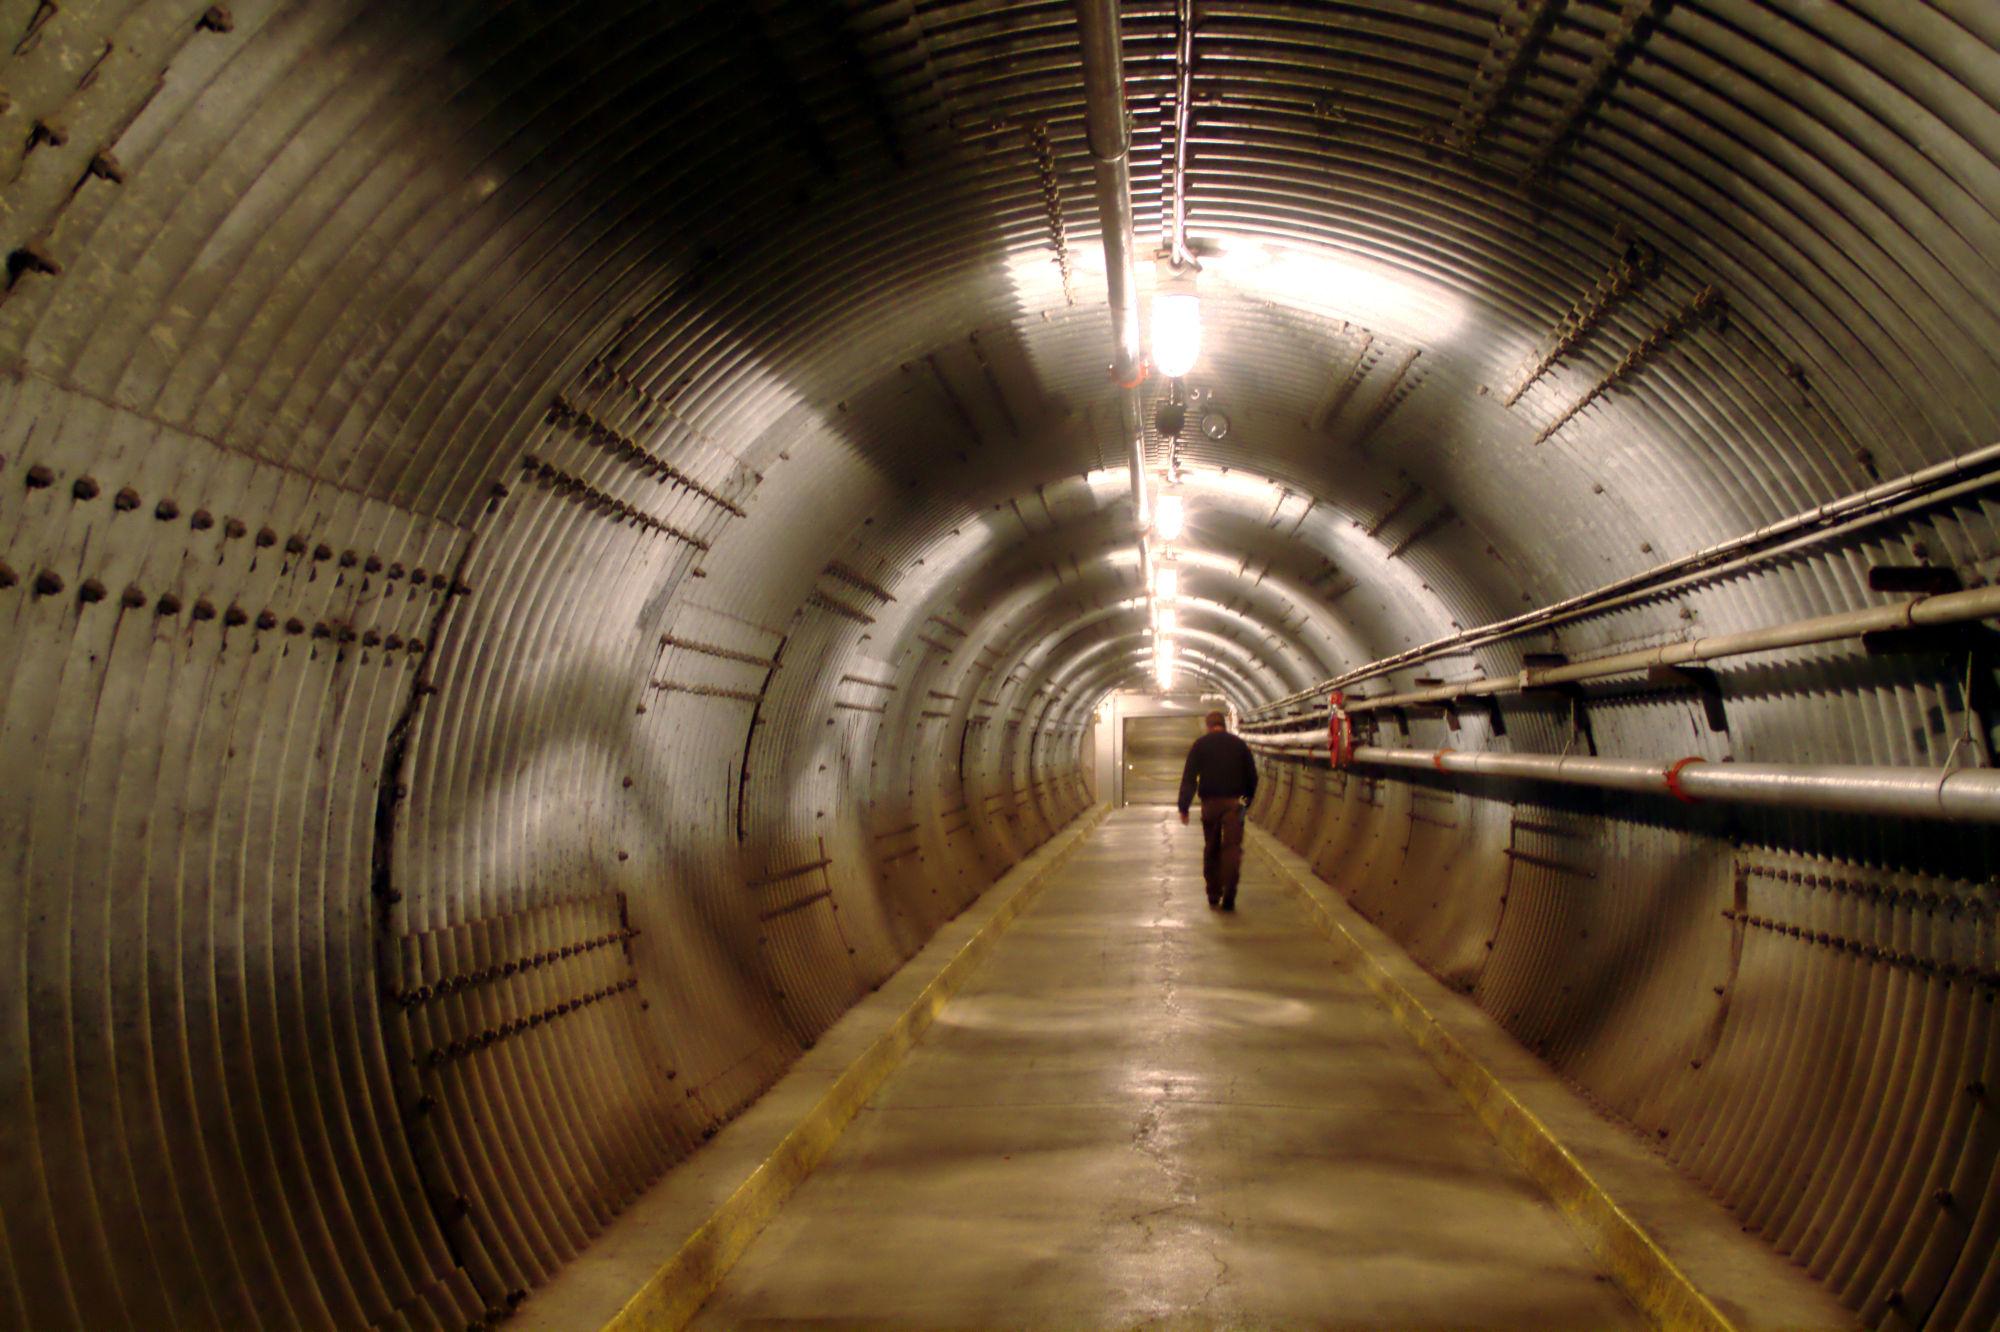 Conheça o bunker que virou museu da Guerra Fria, no Canadá